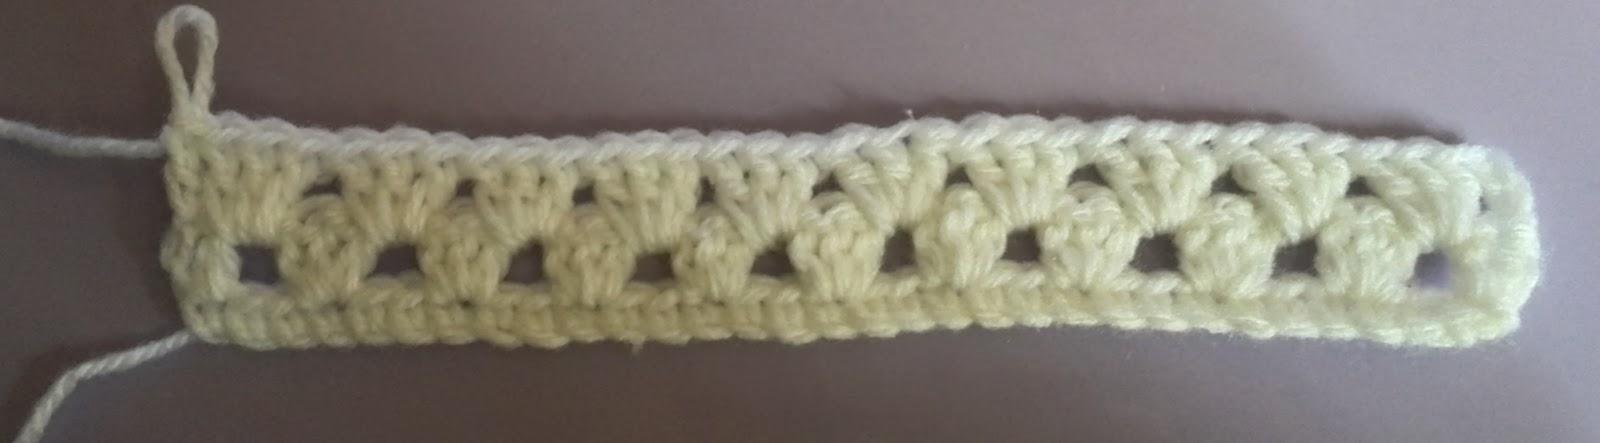 グラニーストライプの2段目が編み終わった